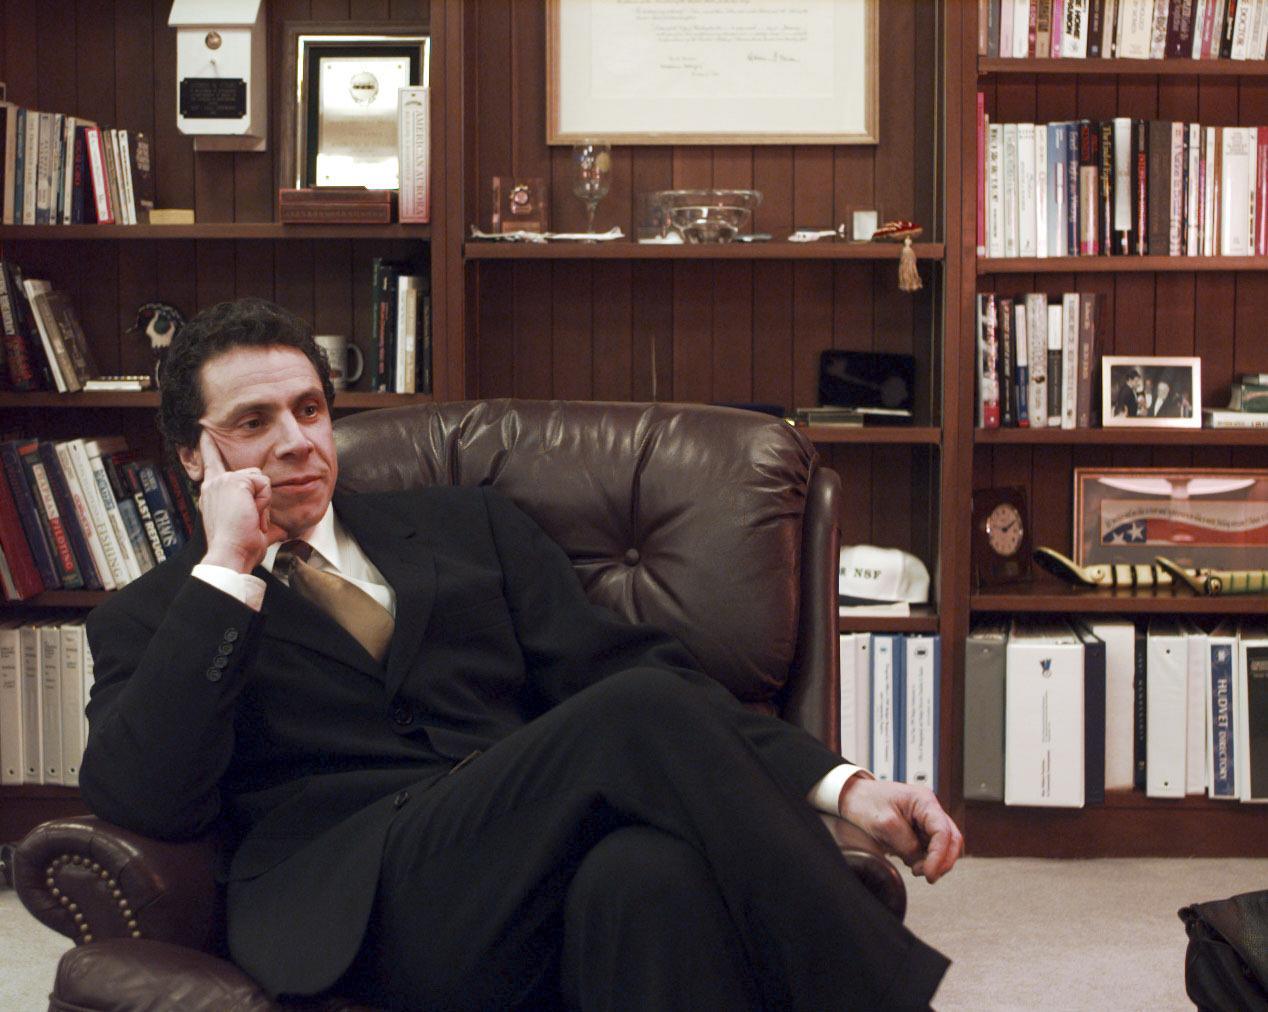 Inside One Of America S Ugliest Political Feuds Cuomo Vs De Blasio Wral Com